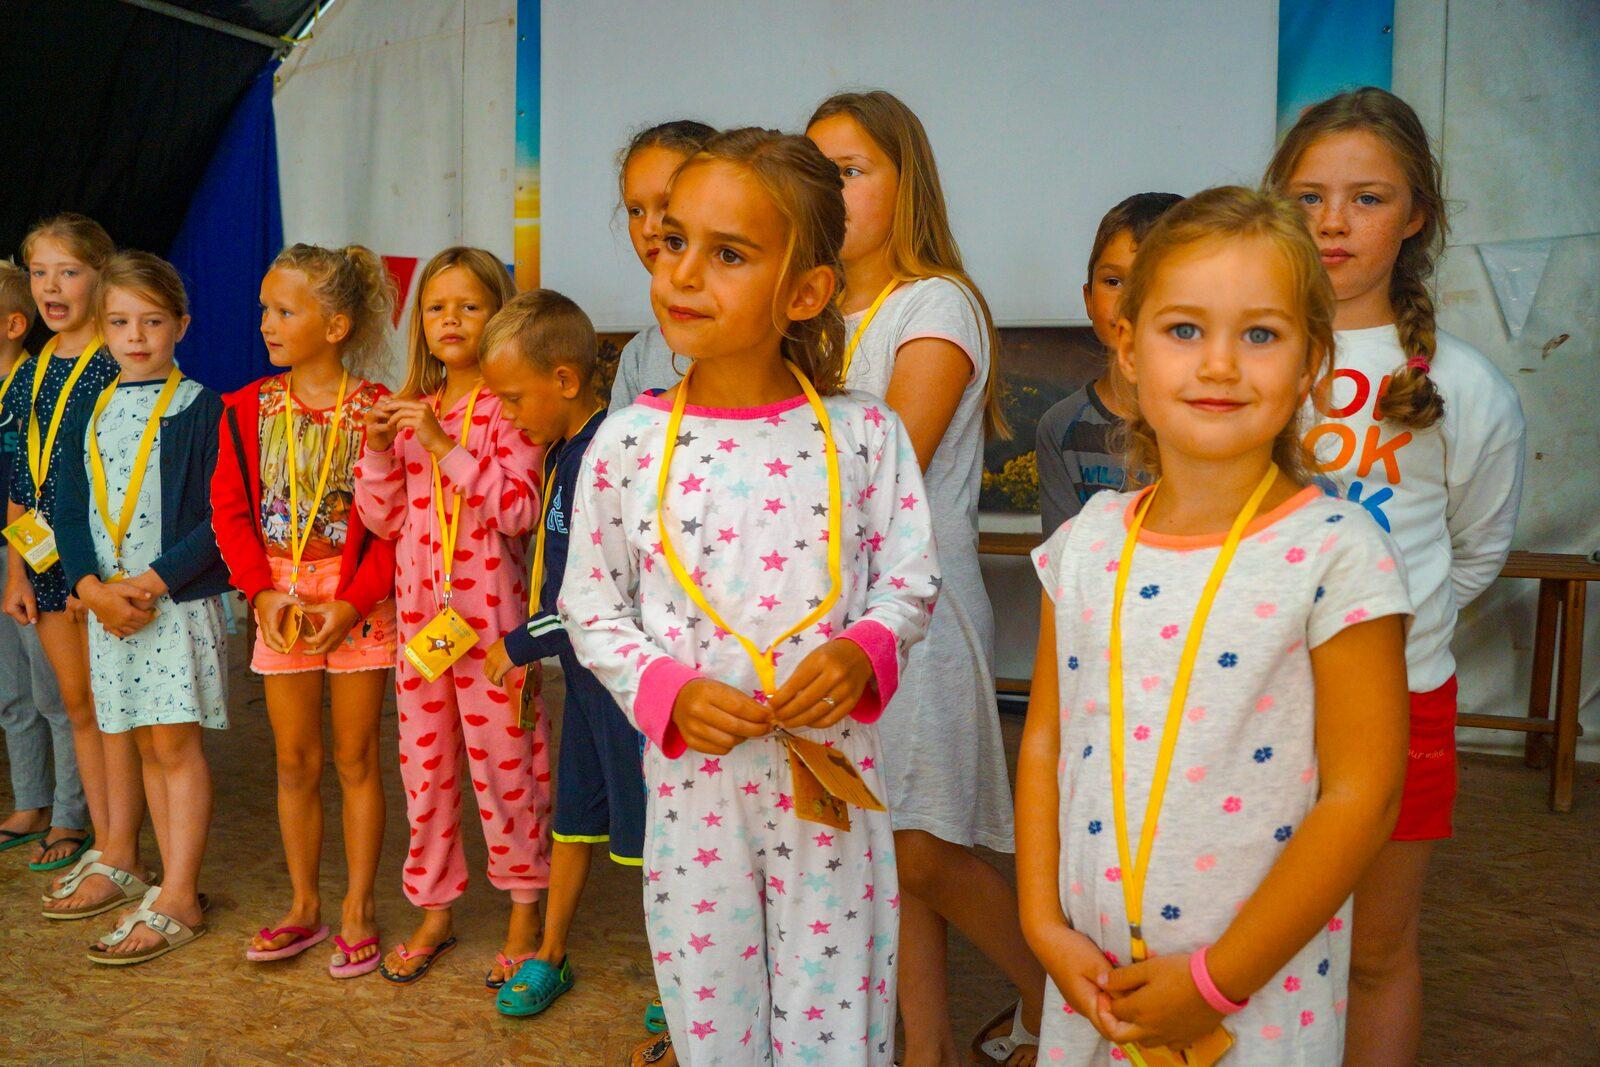 Kinderen in pyama met ketting kaartje om de nek